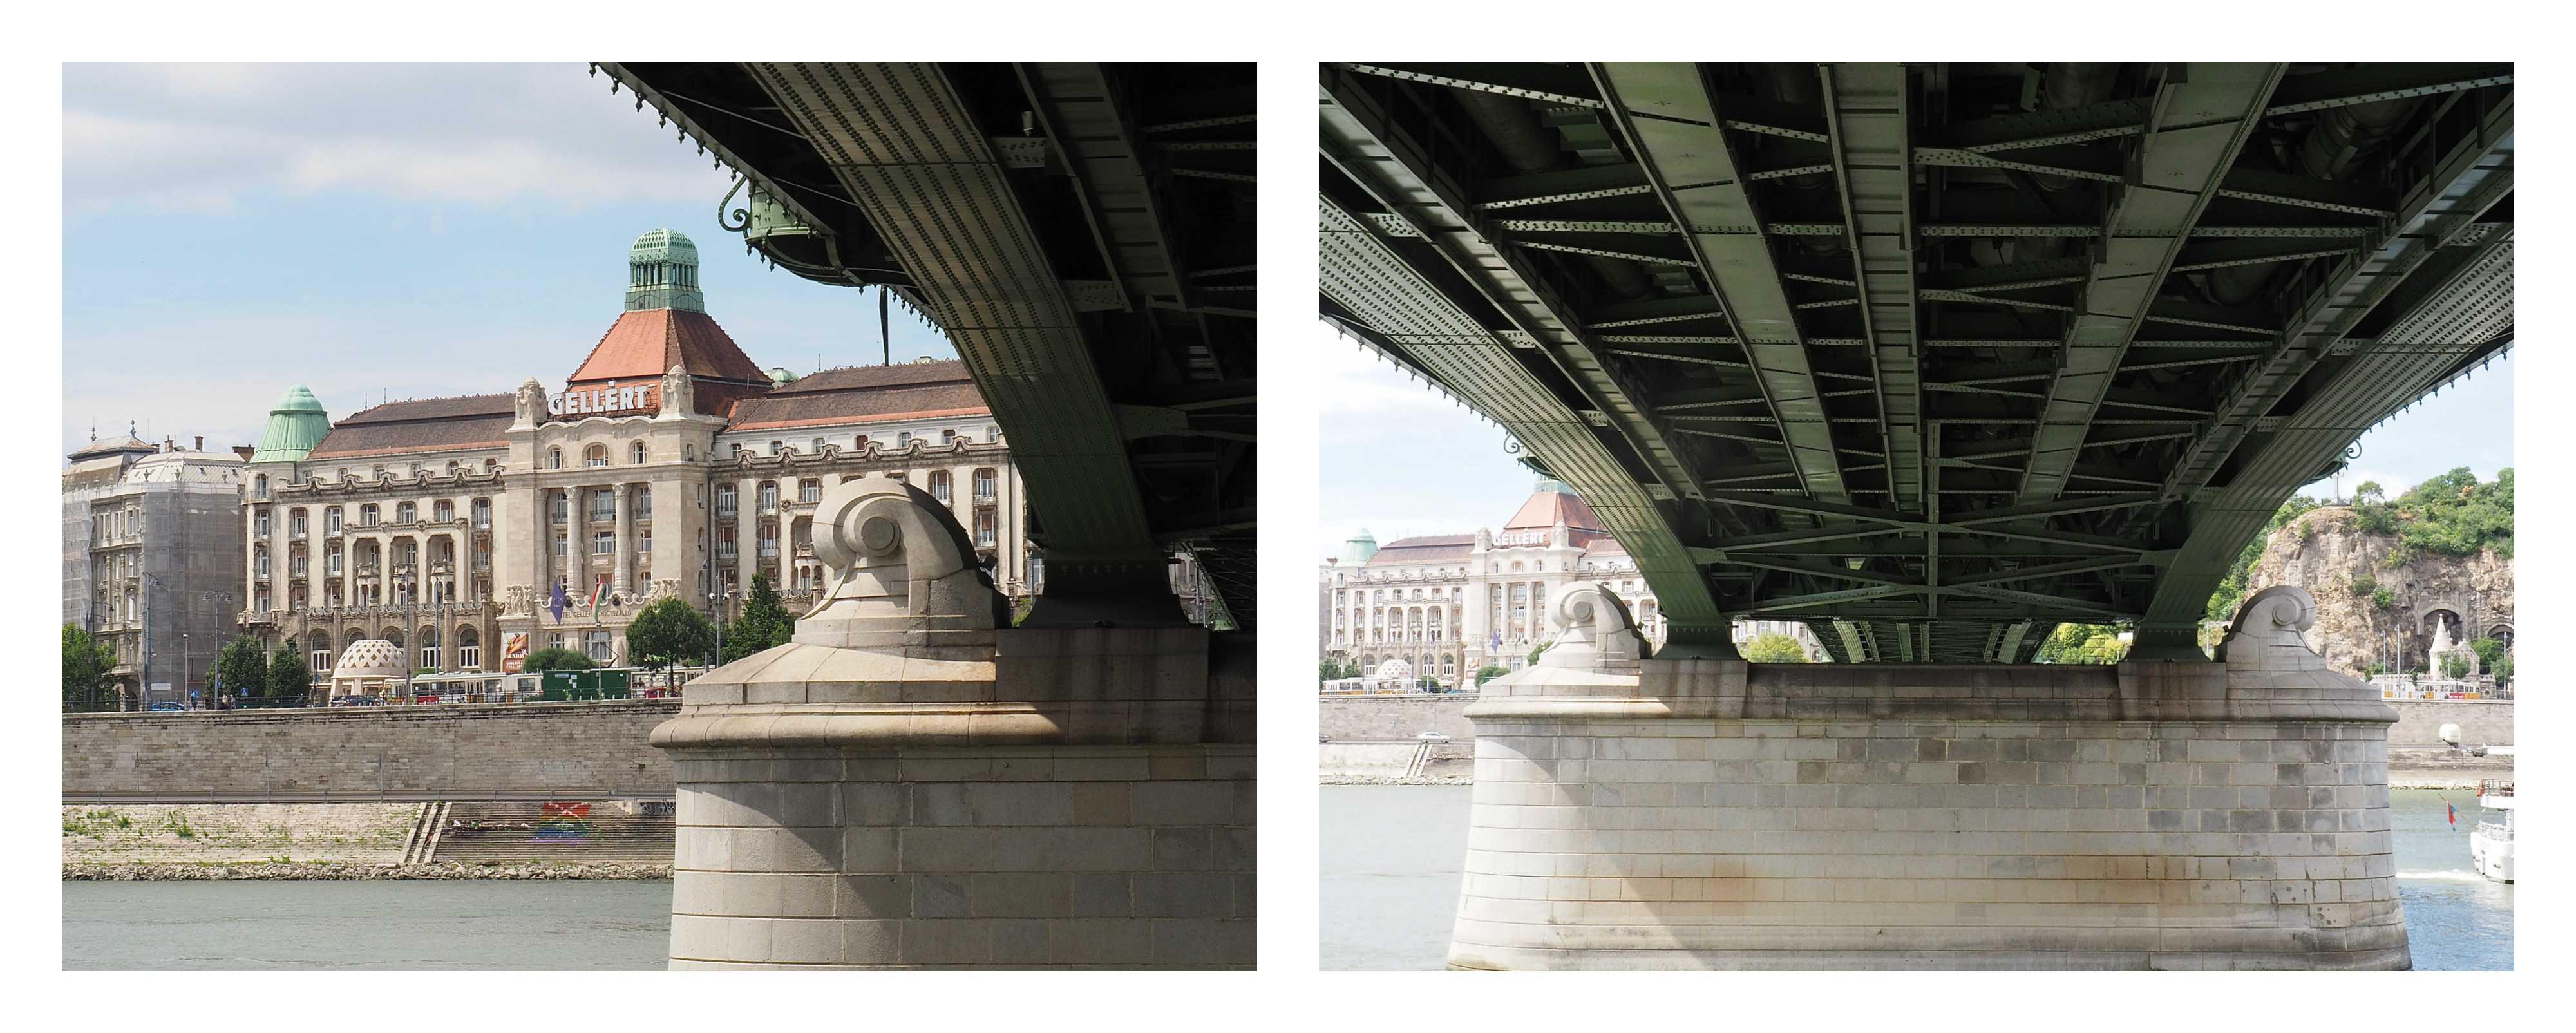 Vasarcsarnok Est Le Plus Grand Marche Couvert De Budapest Cest Une Experience A Ne Pas Manquer Au Dela Larchitecture Du Batiment Qui Vaut Largement